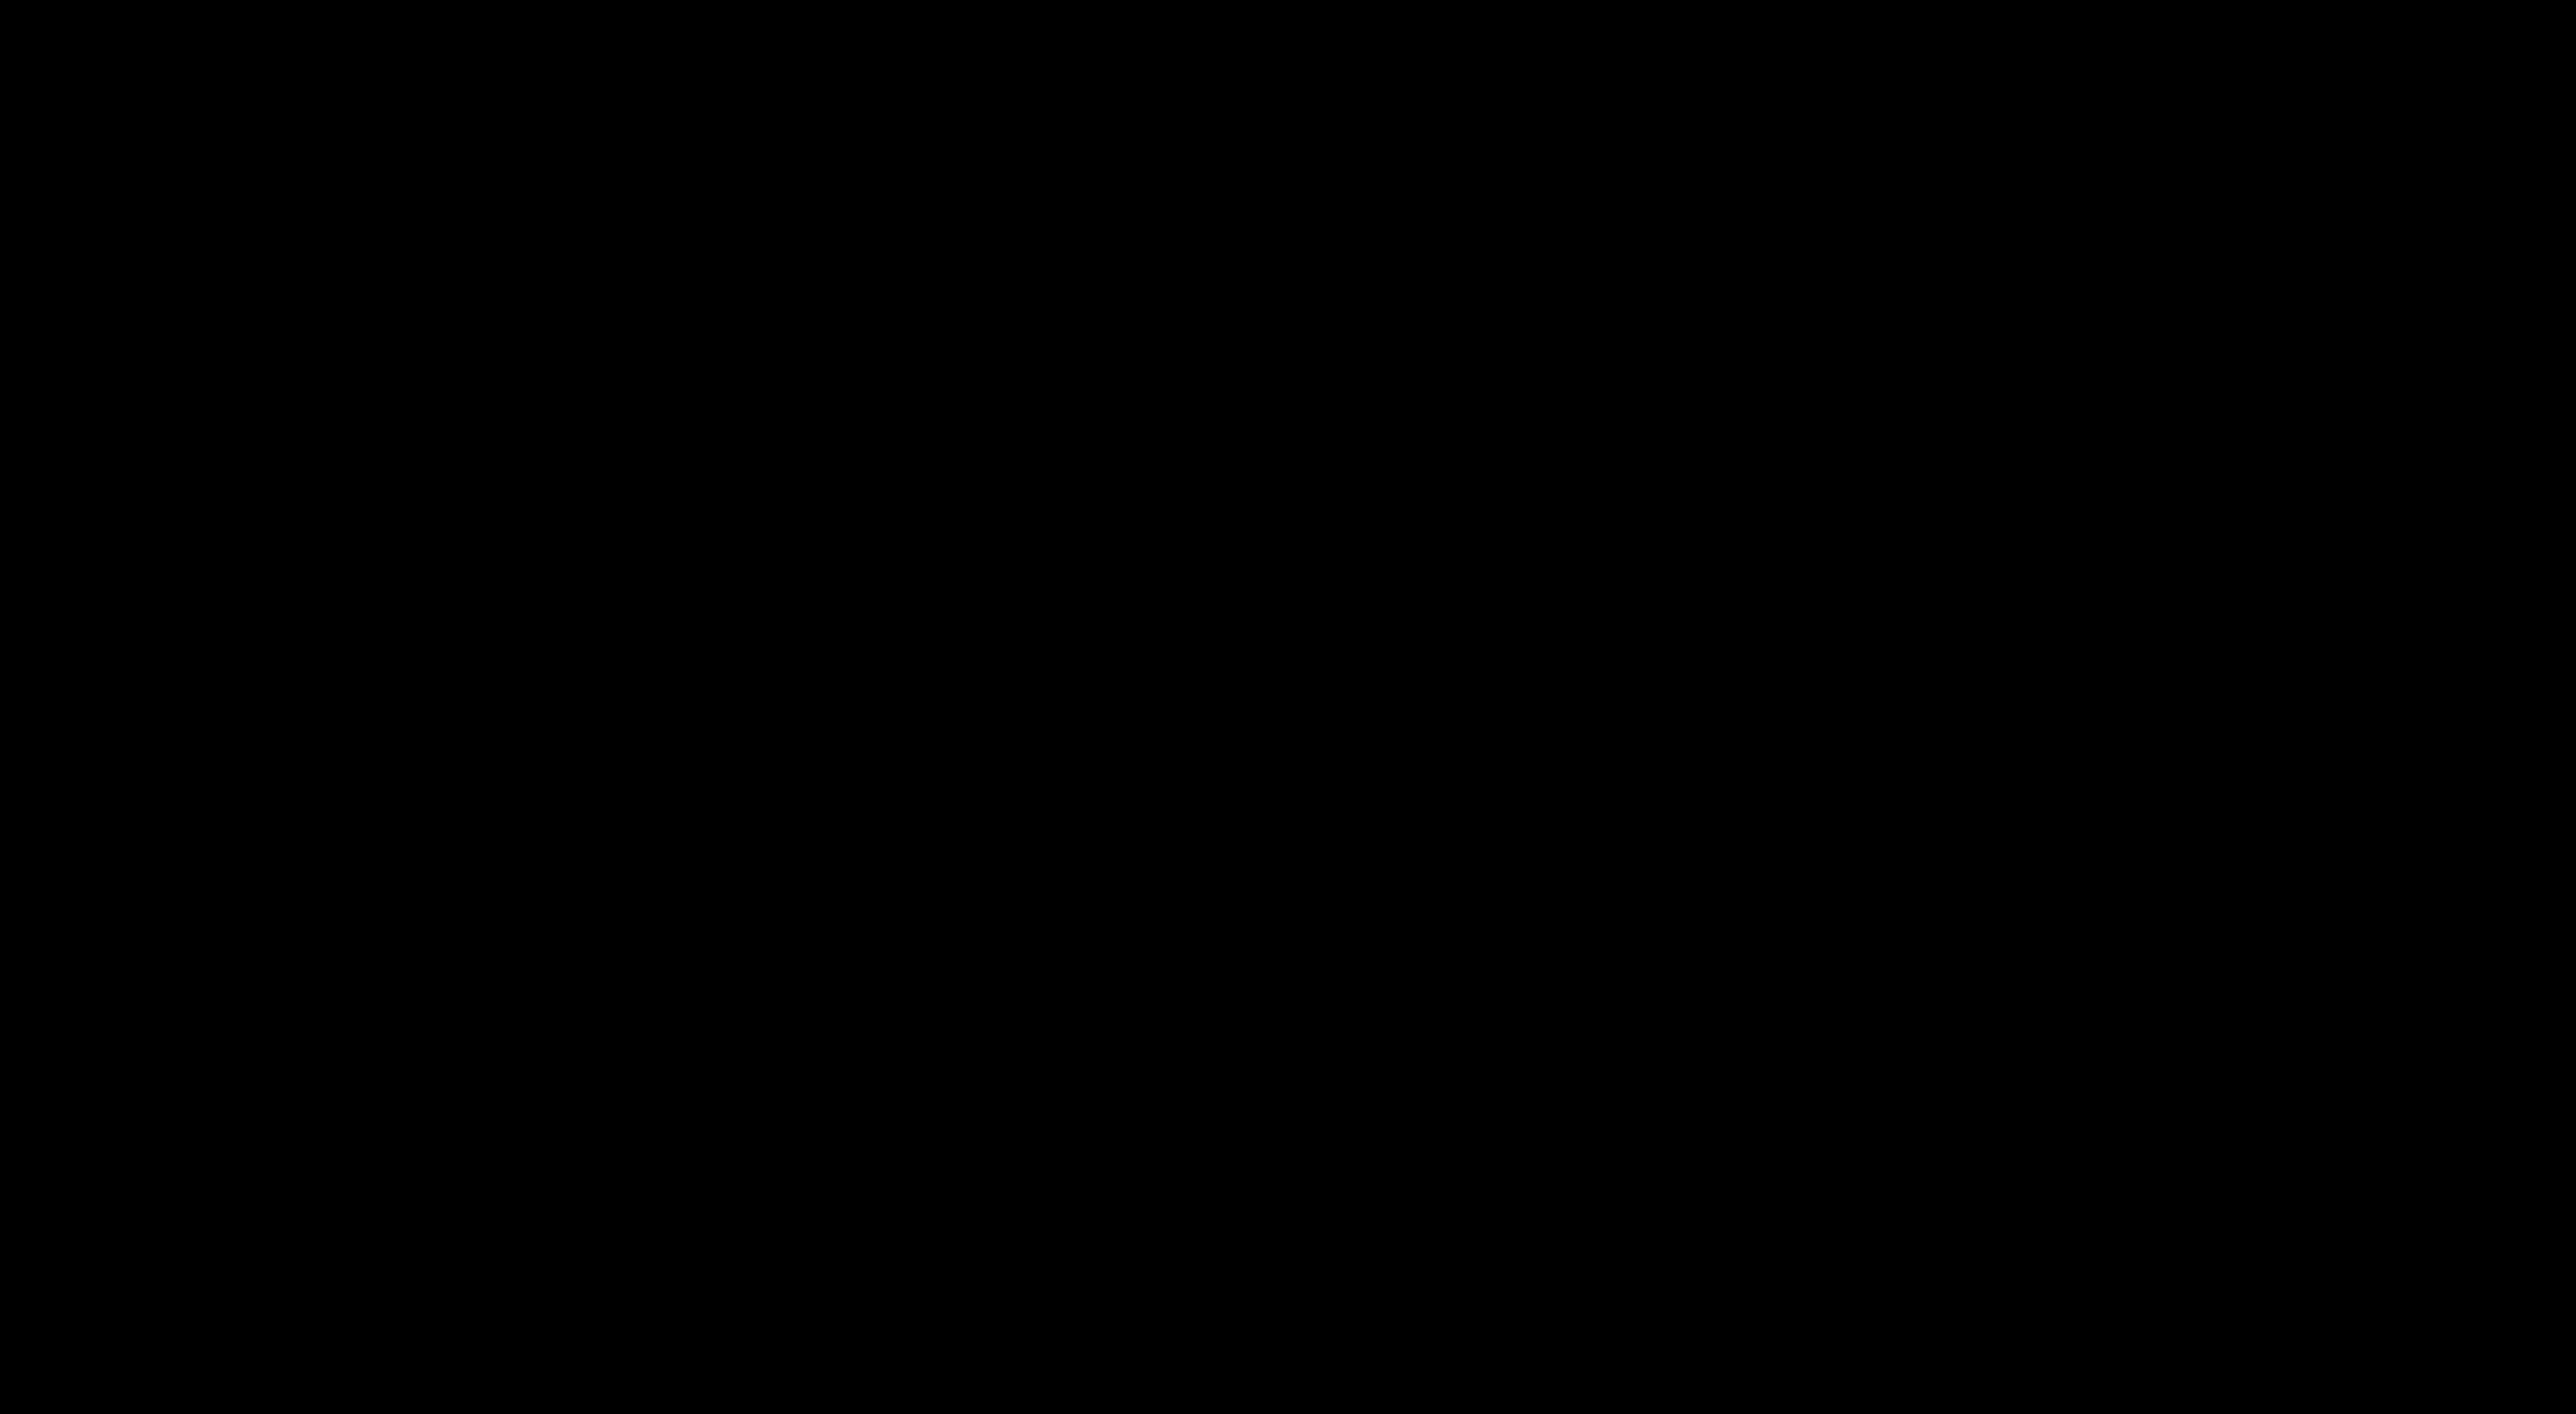 FACTARIUM